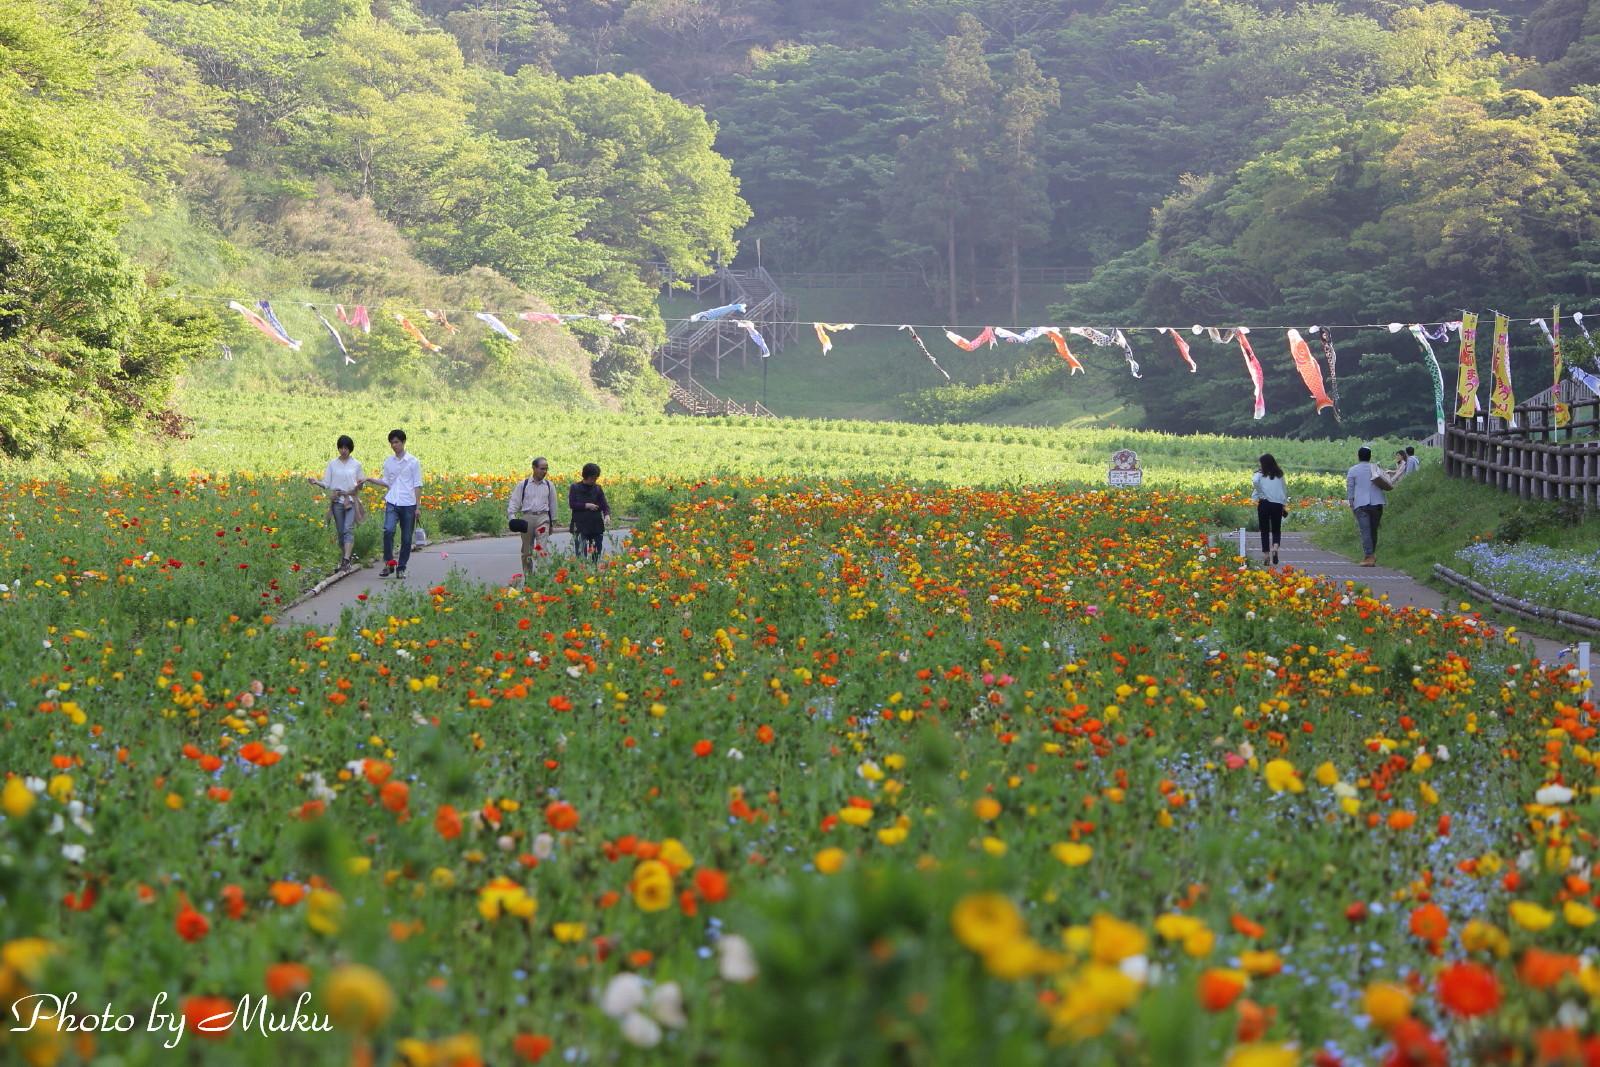 2014/05/01_ポピー園(くりはま花の園:神奈川県横須賀市)